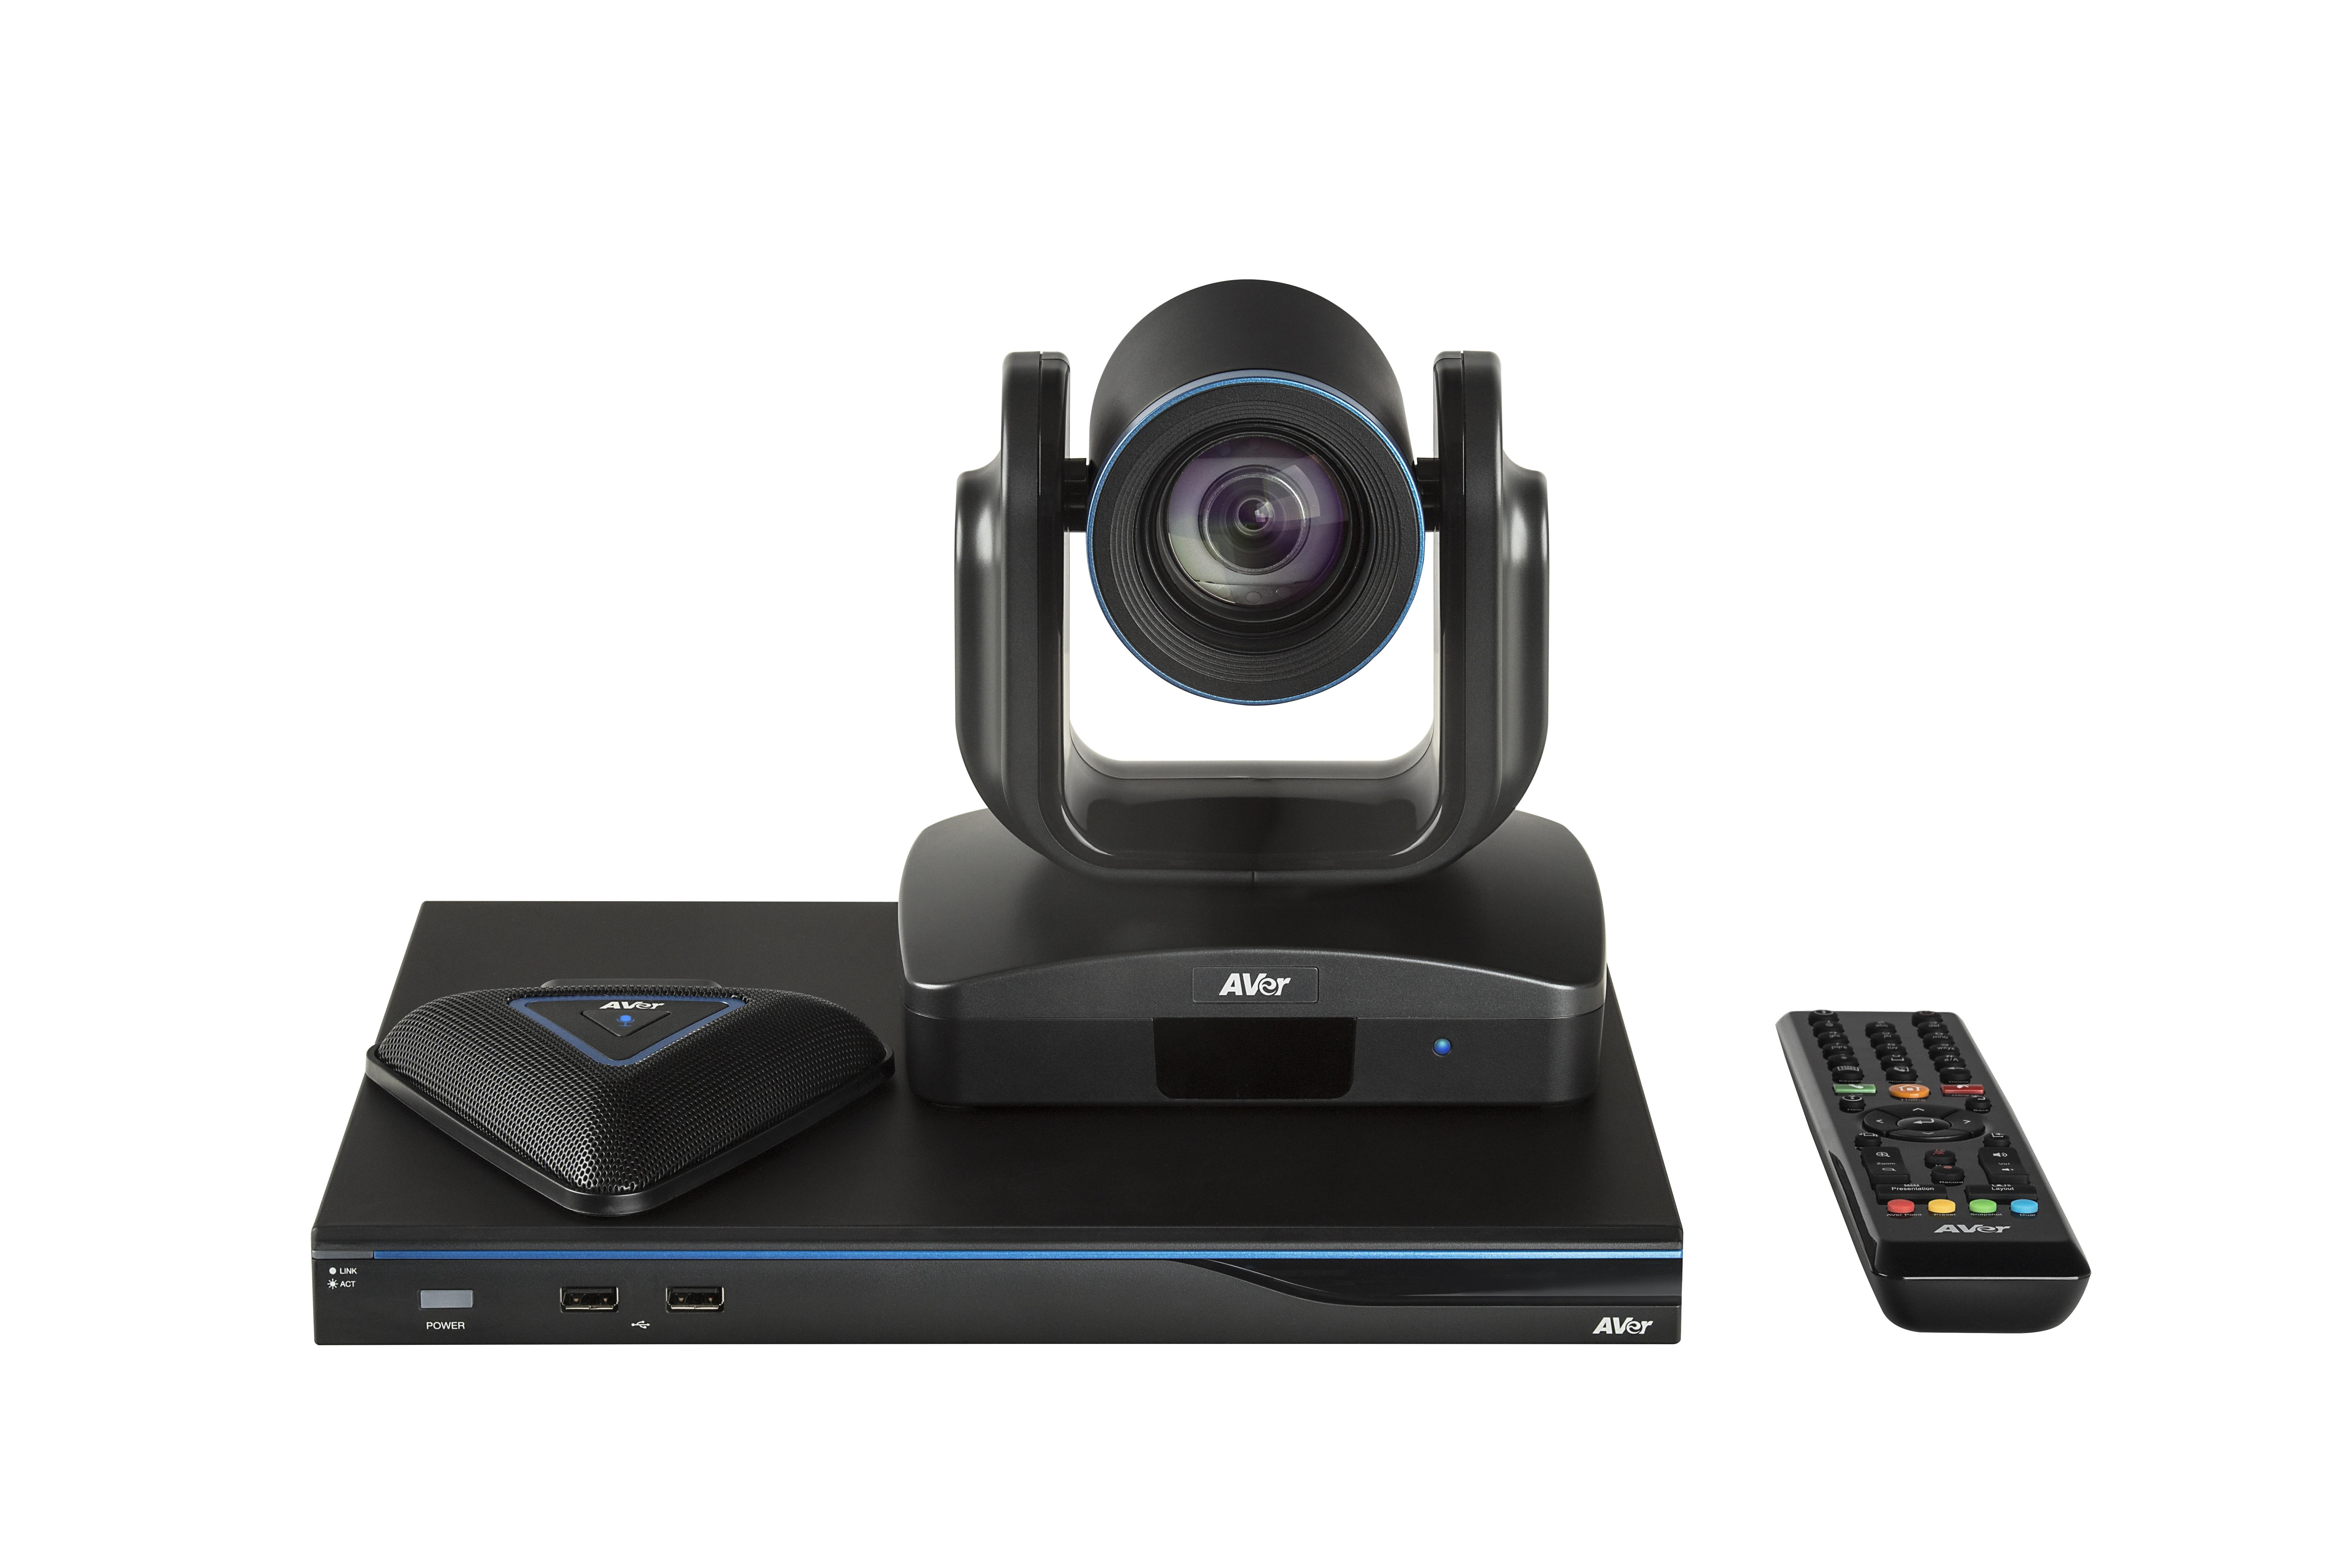 視訊會議系統 / 圓展科技股份有限公司